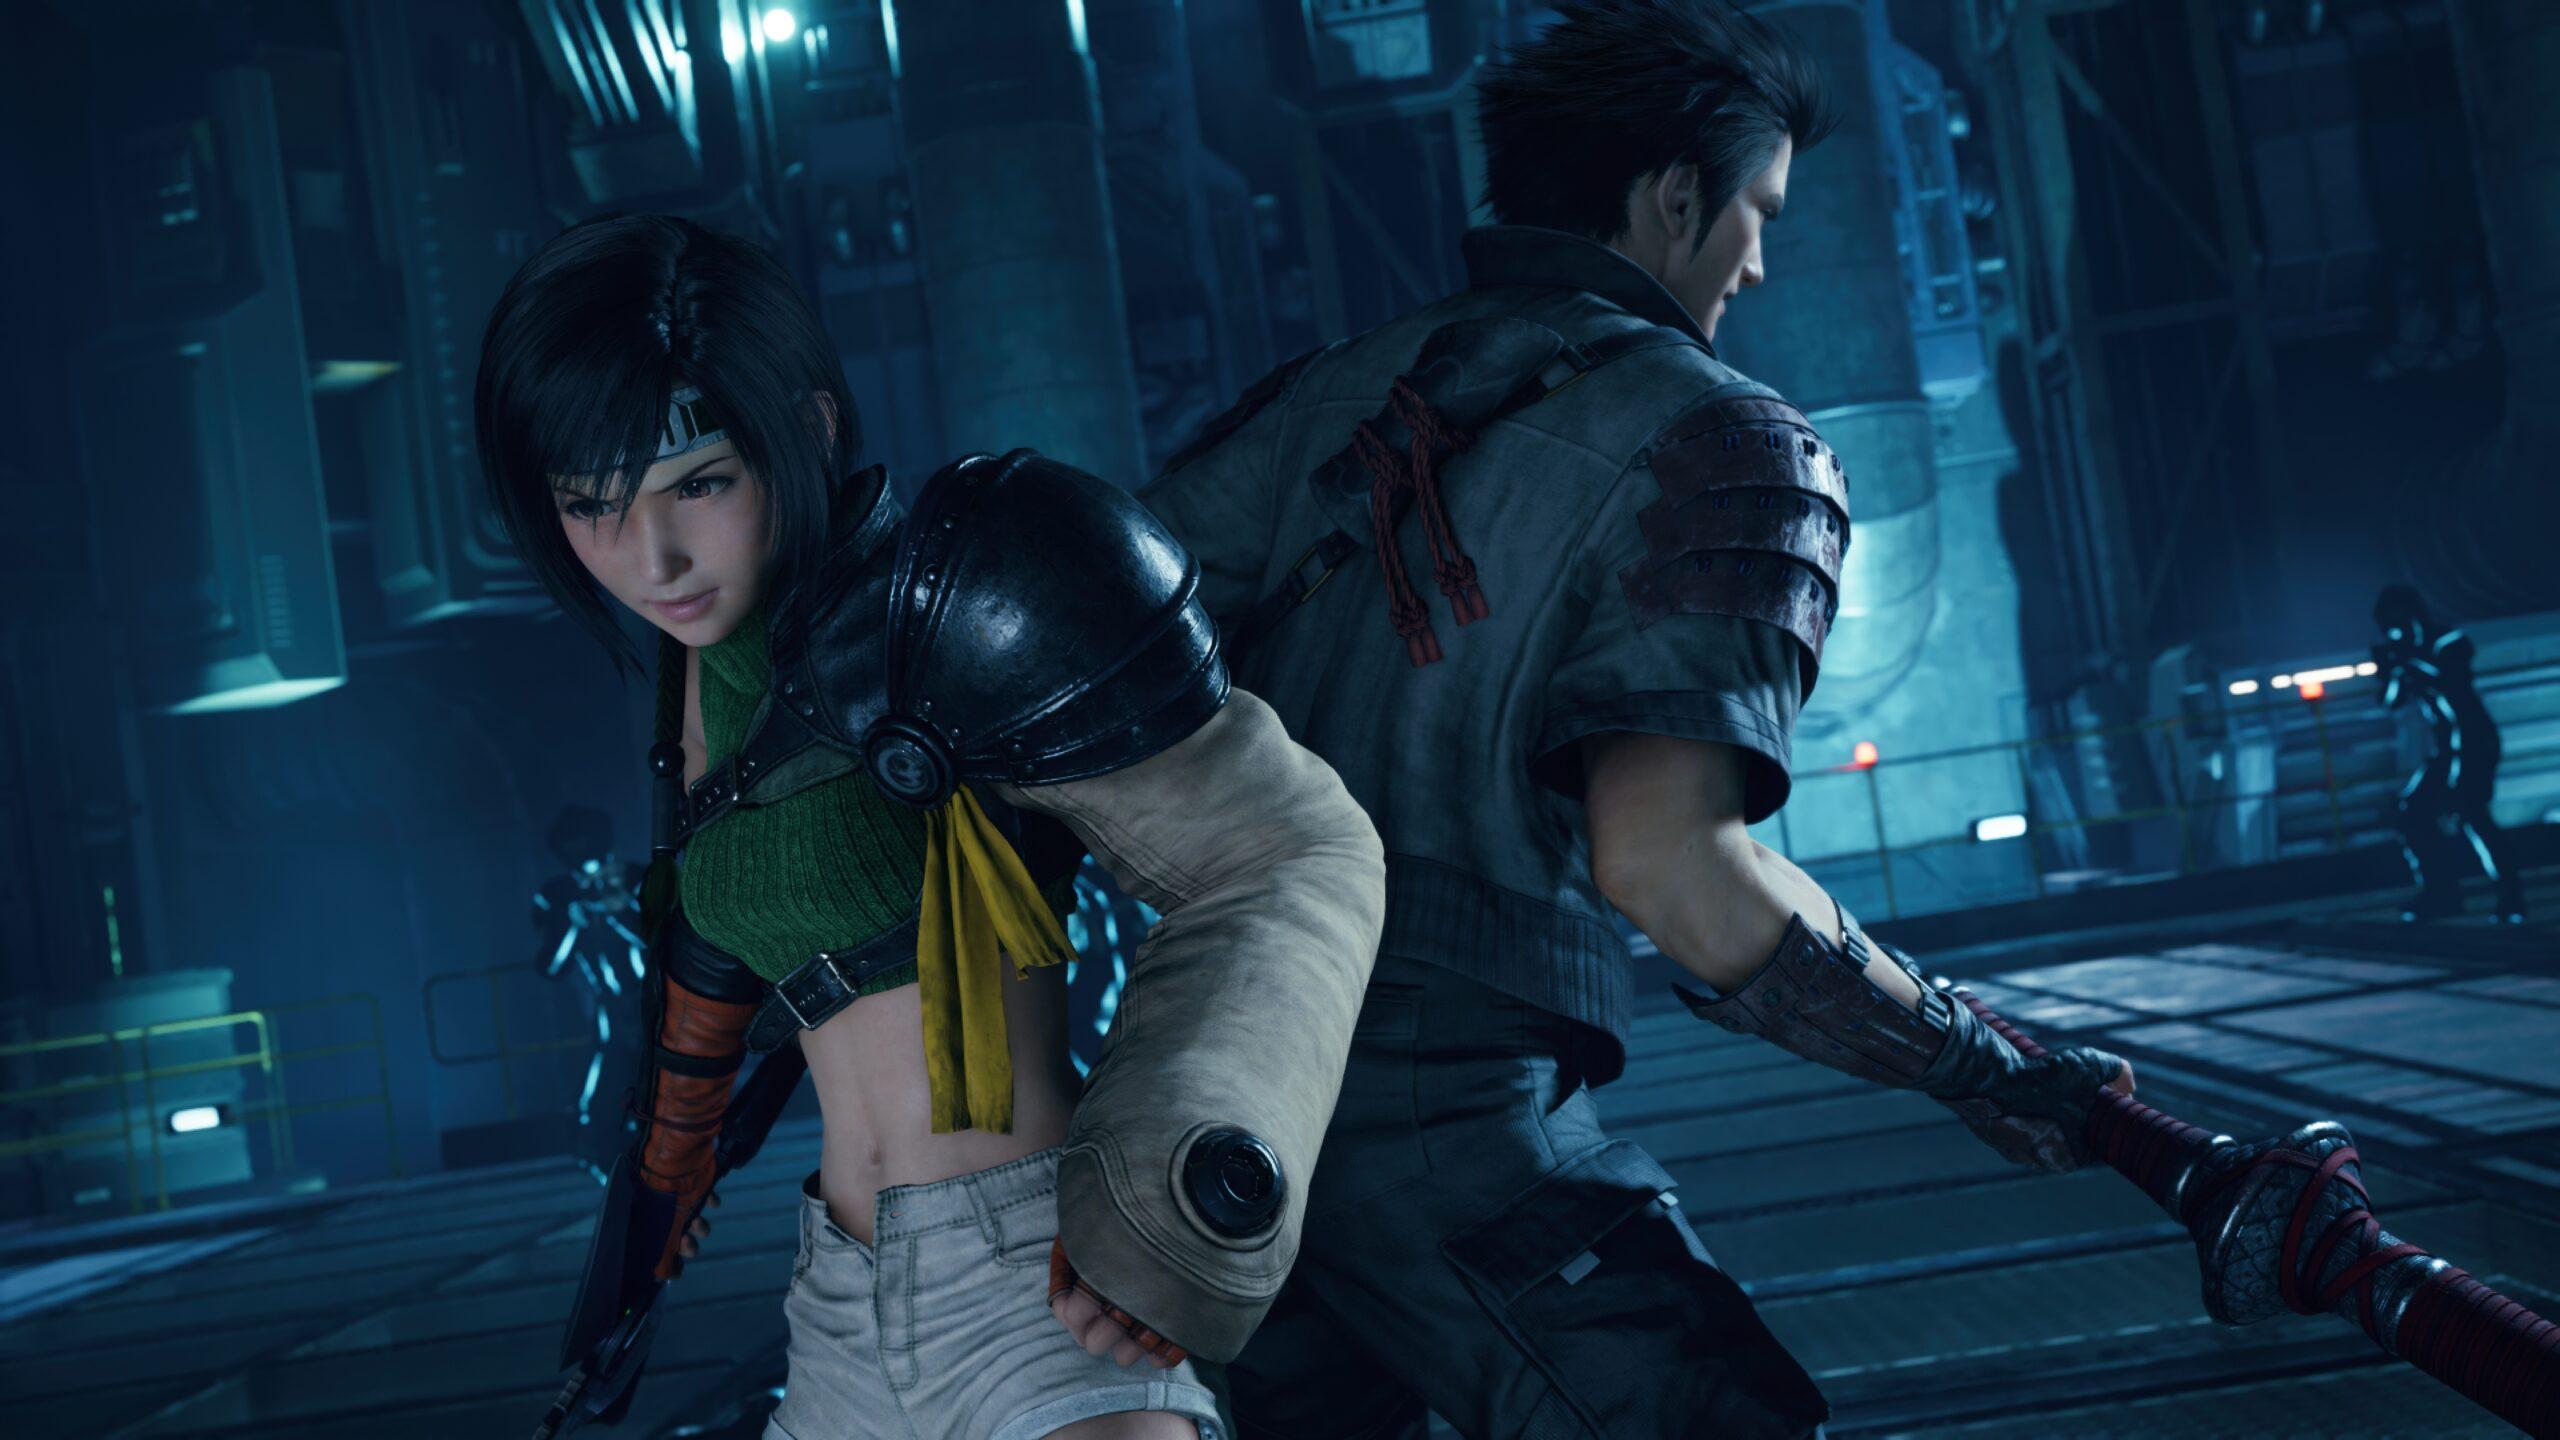 Final Fantasy VII Remake Intergrade 2622021 1